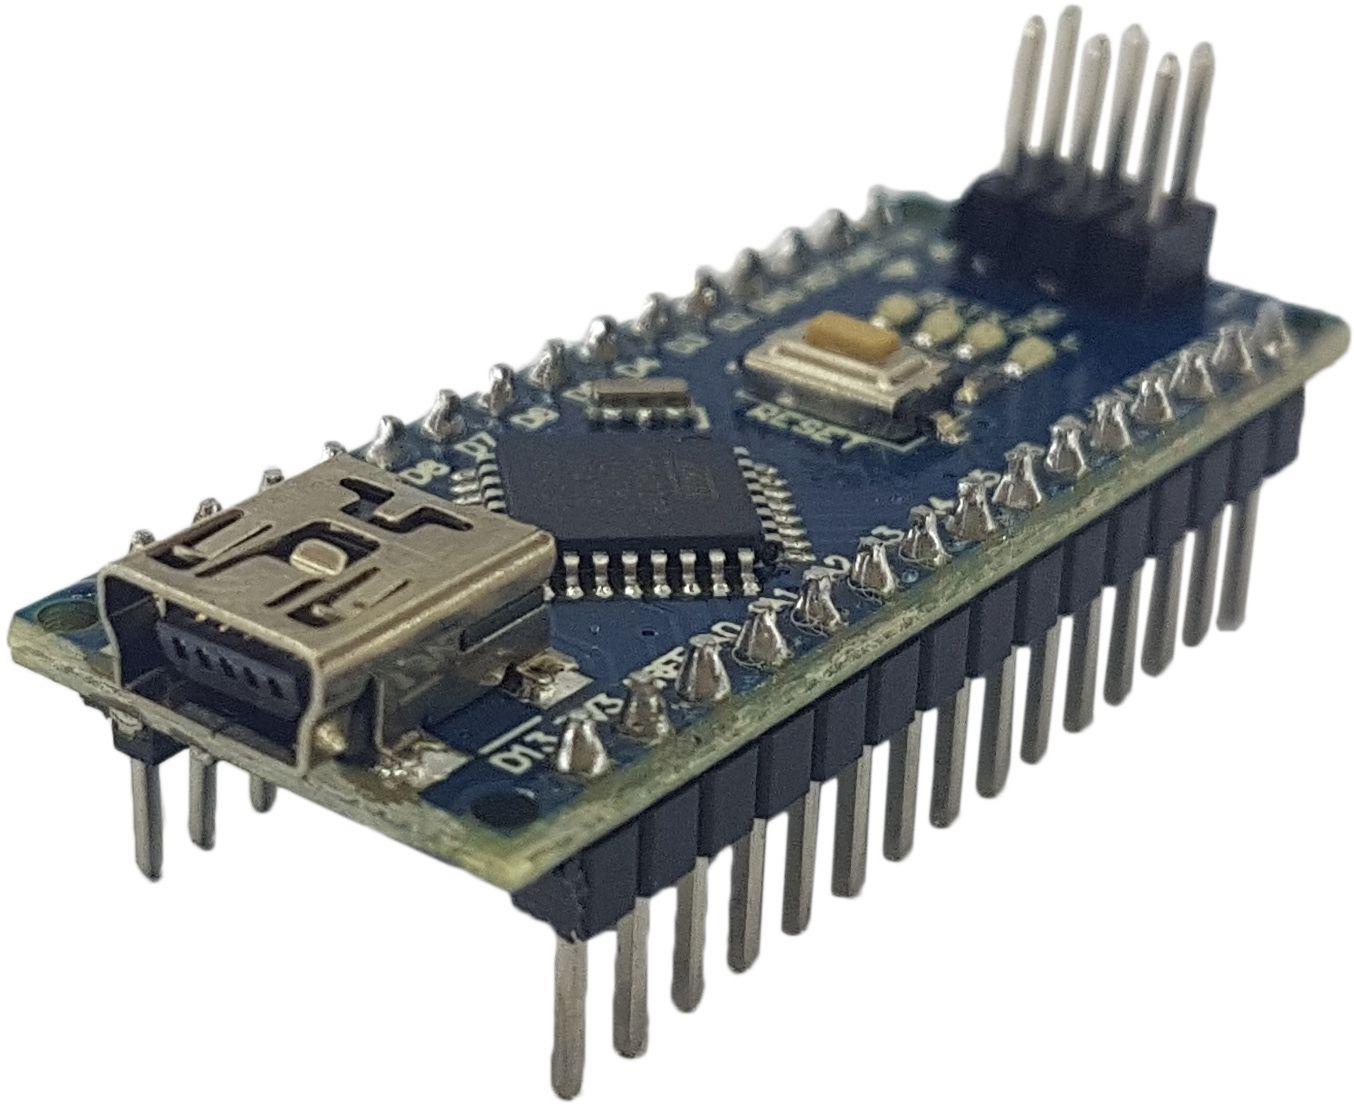 Placa Nano pino soldado com cabo USB (compatível com arduino)